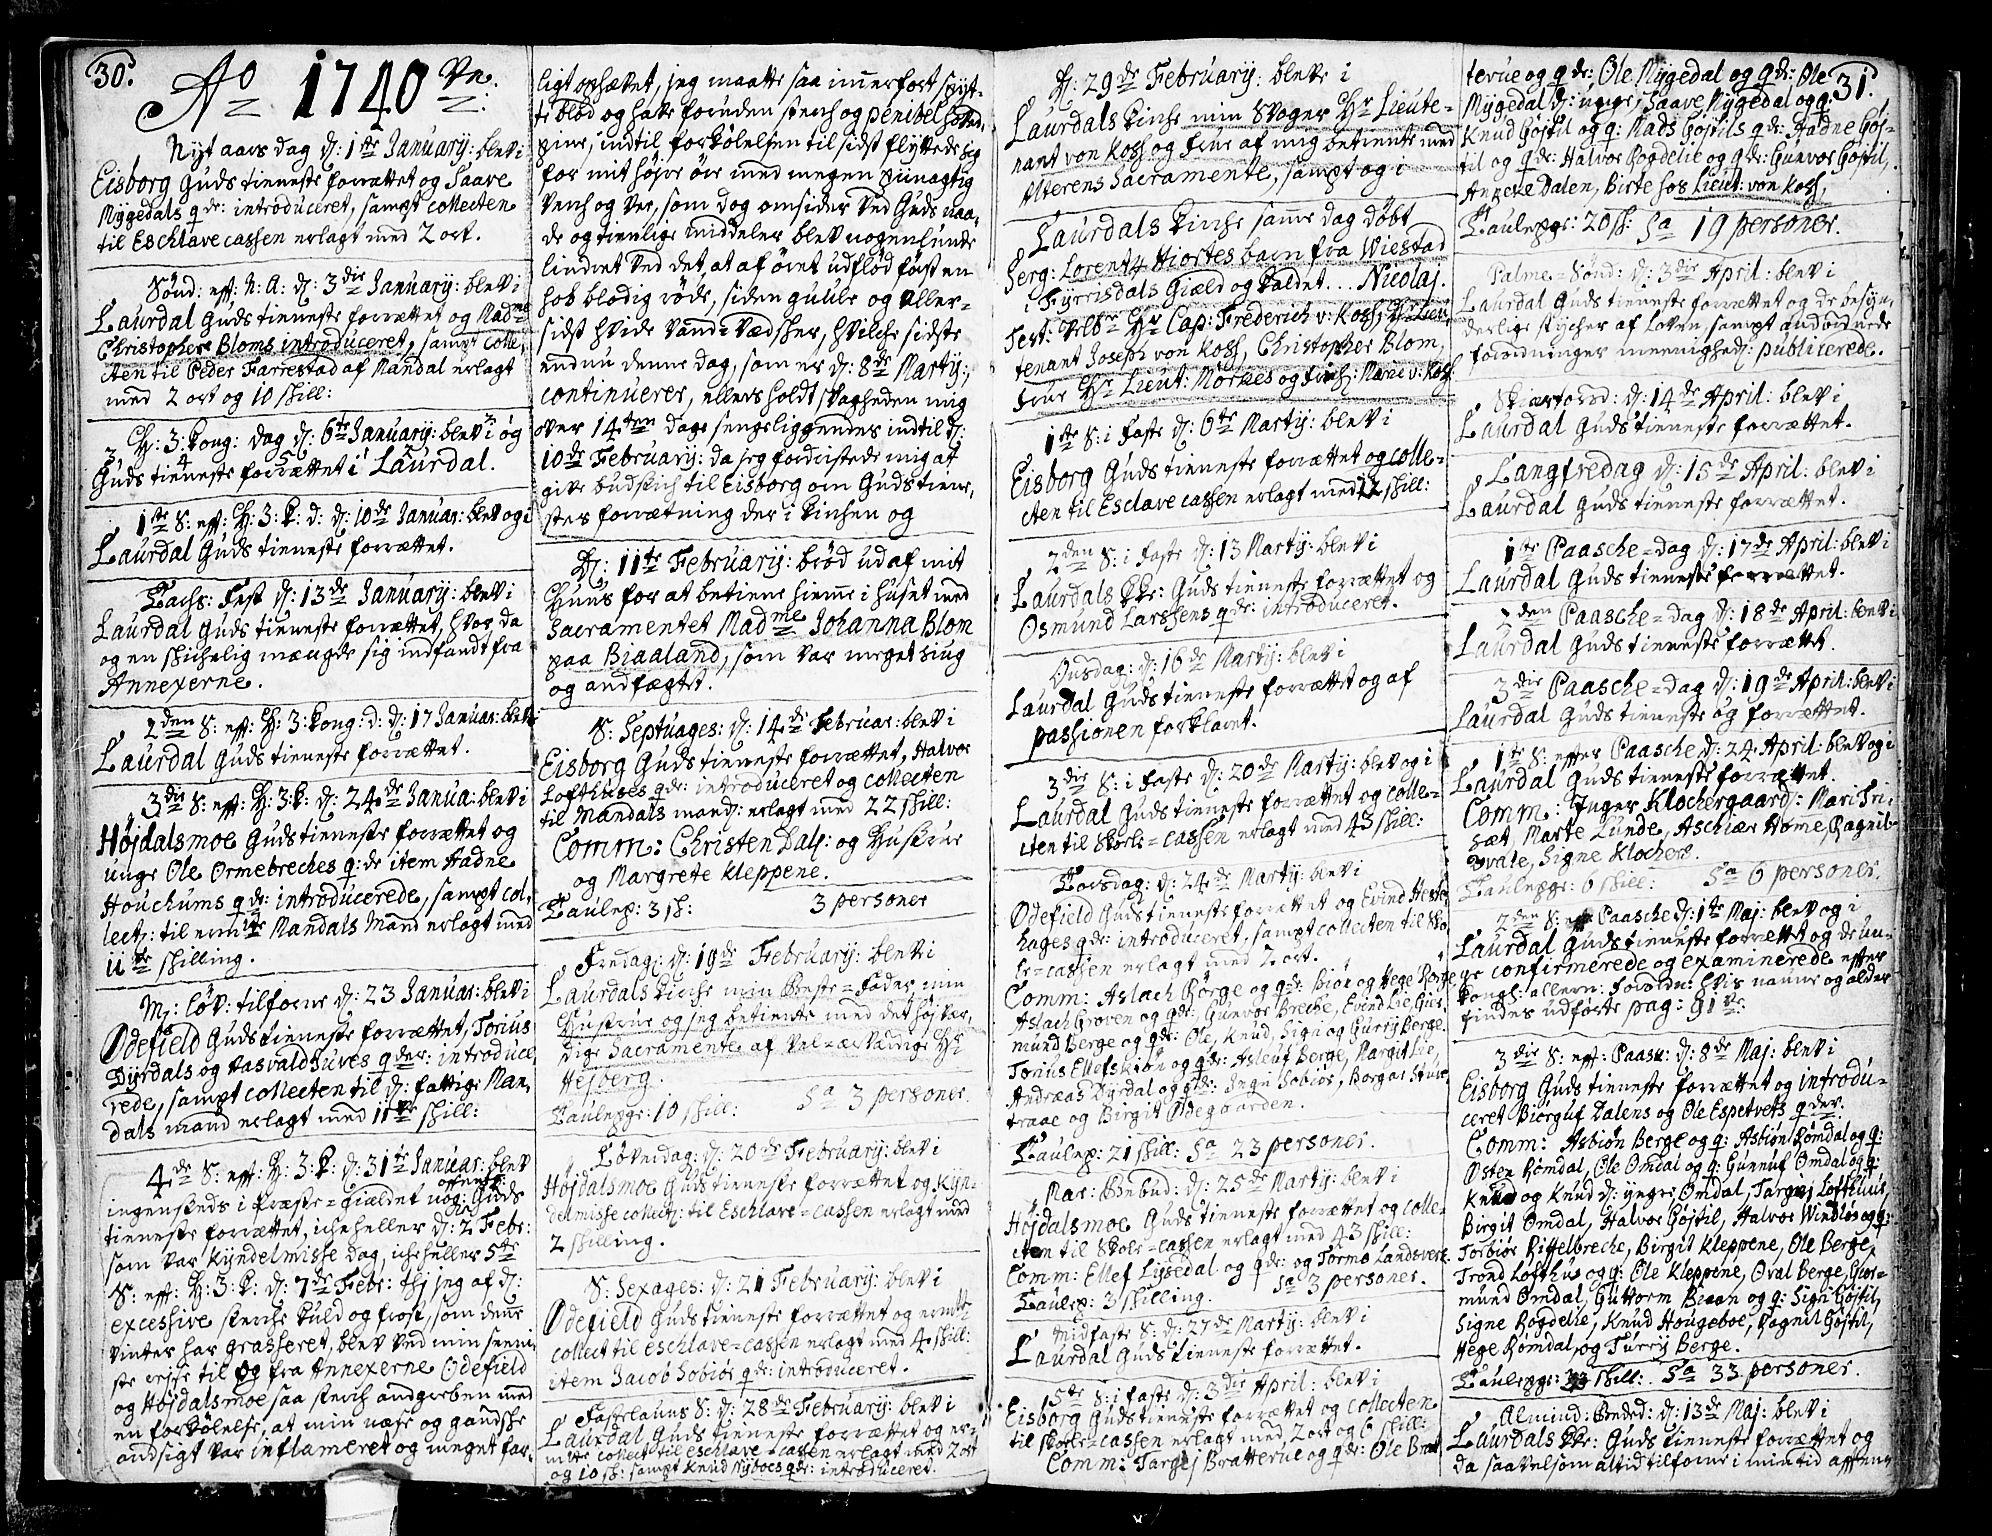 SAKO, Lårdal kirkebøker, F/Fa/L0002: Ministerialbok nr. I 2, 1734-1754, s. 30-31